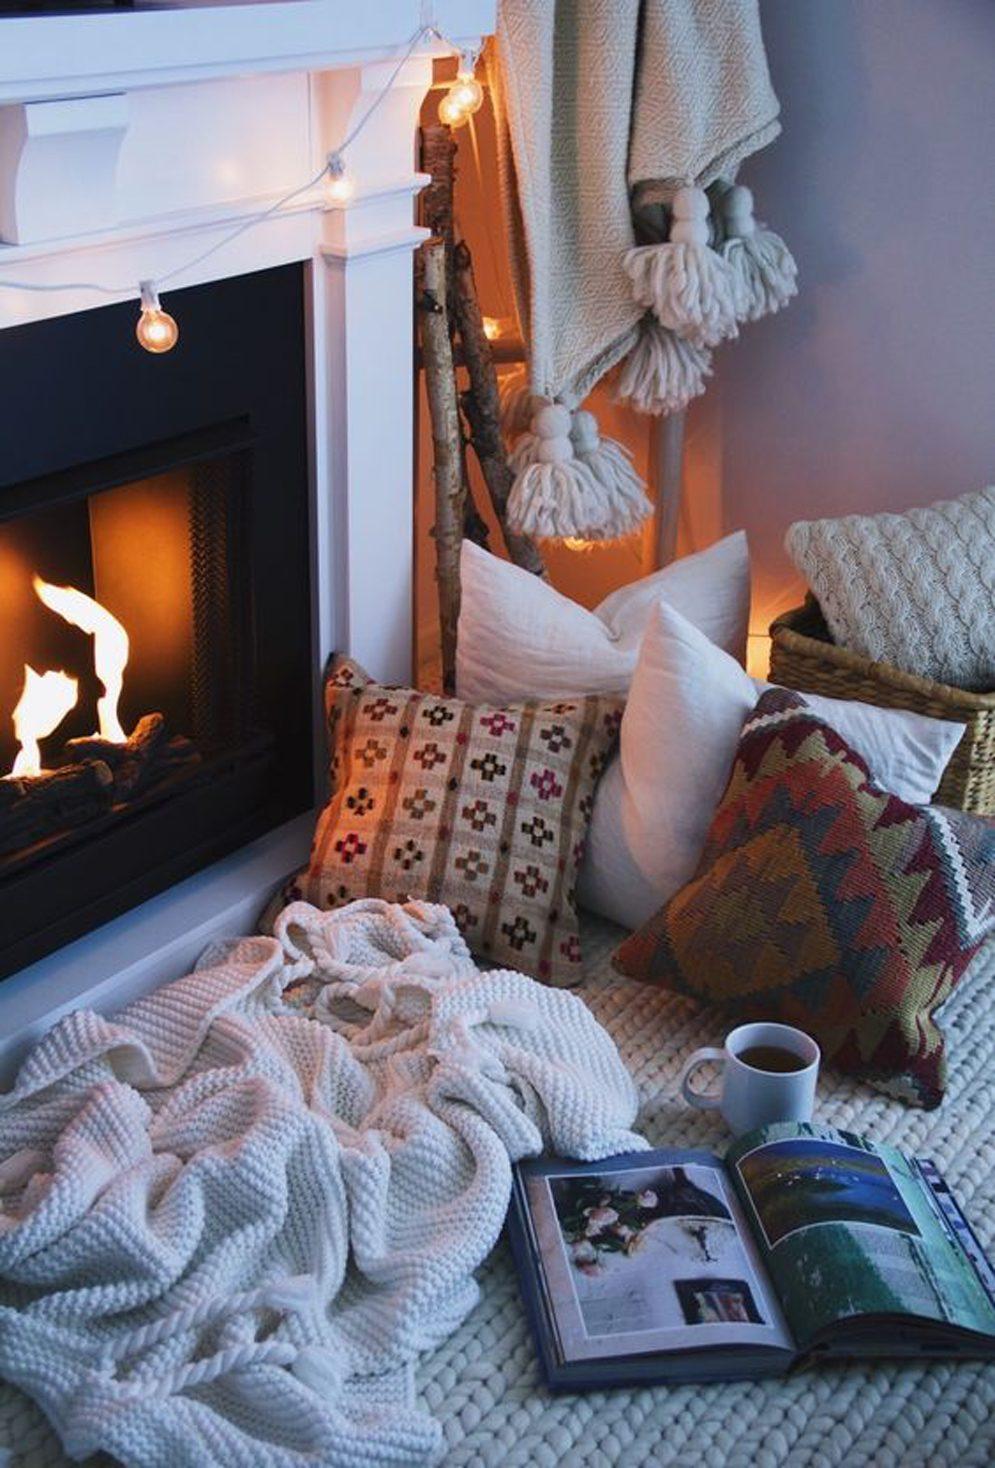 Mettez des coussins et des couvertures par terre et installez quelques guirlandes de lumières pour créer une ambiance chaleureuse.